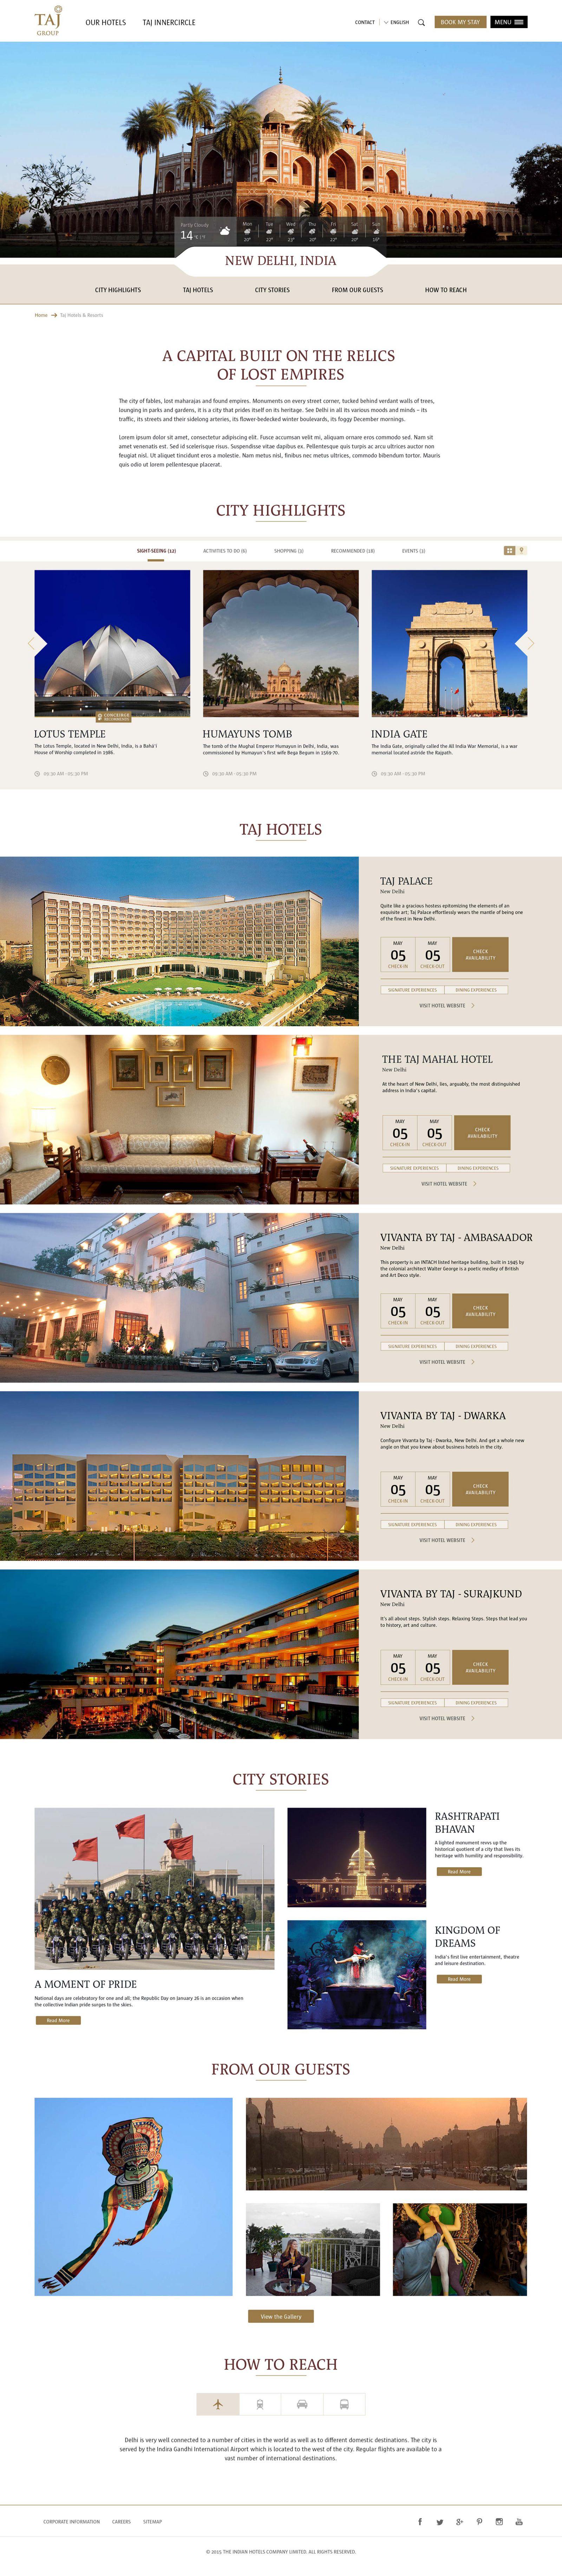 Taj destination page